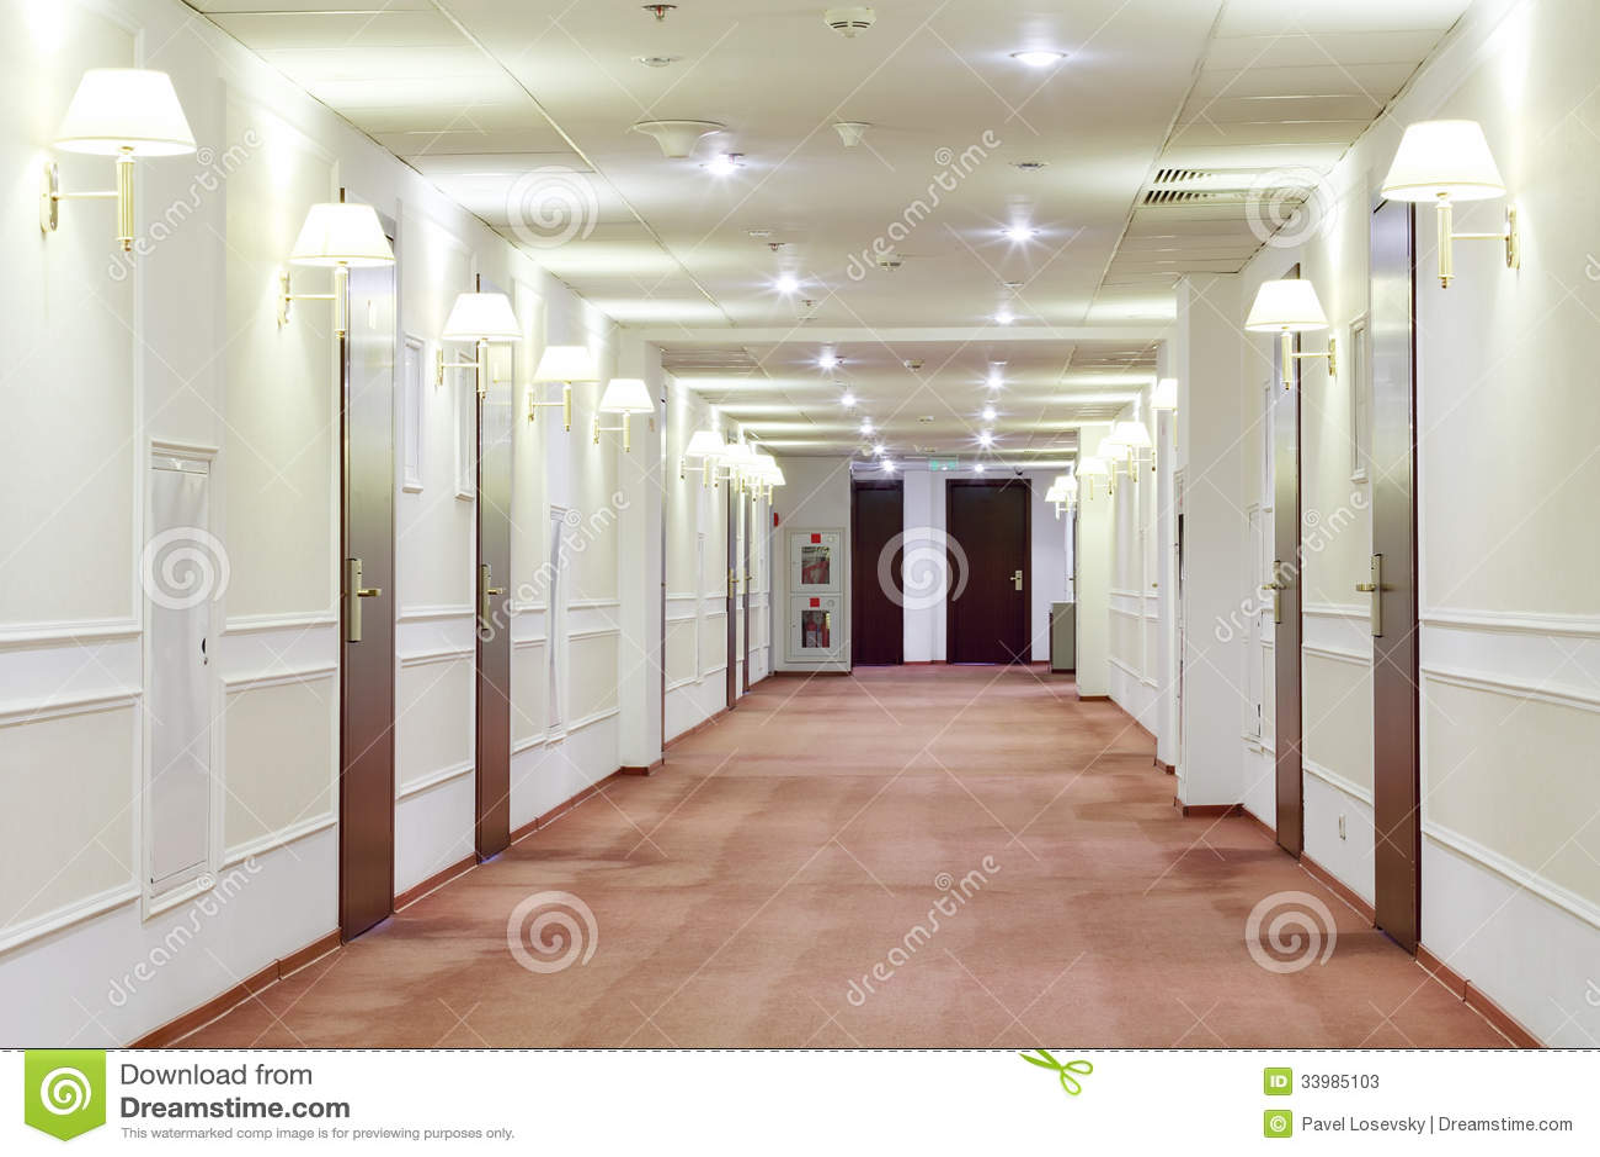 Couloir Avec Beaucoup De Portes Menant Dans Des Chambres D